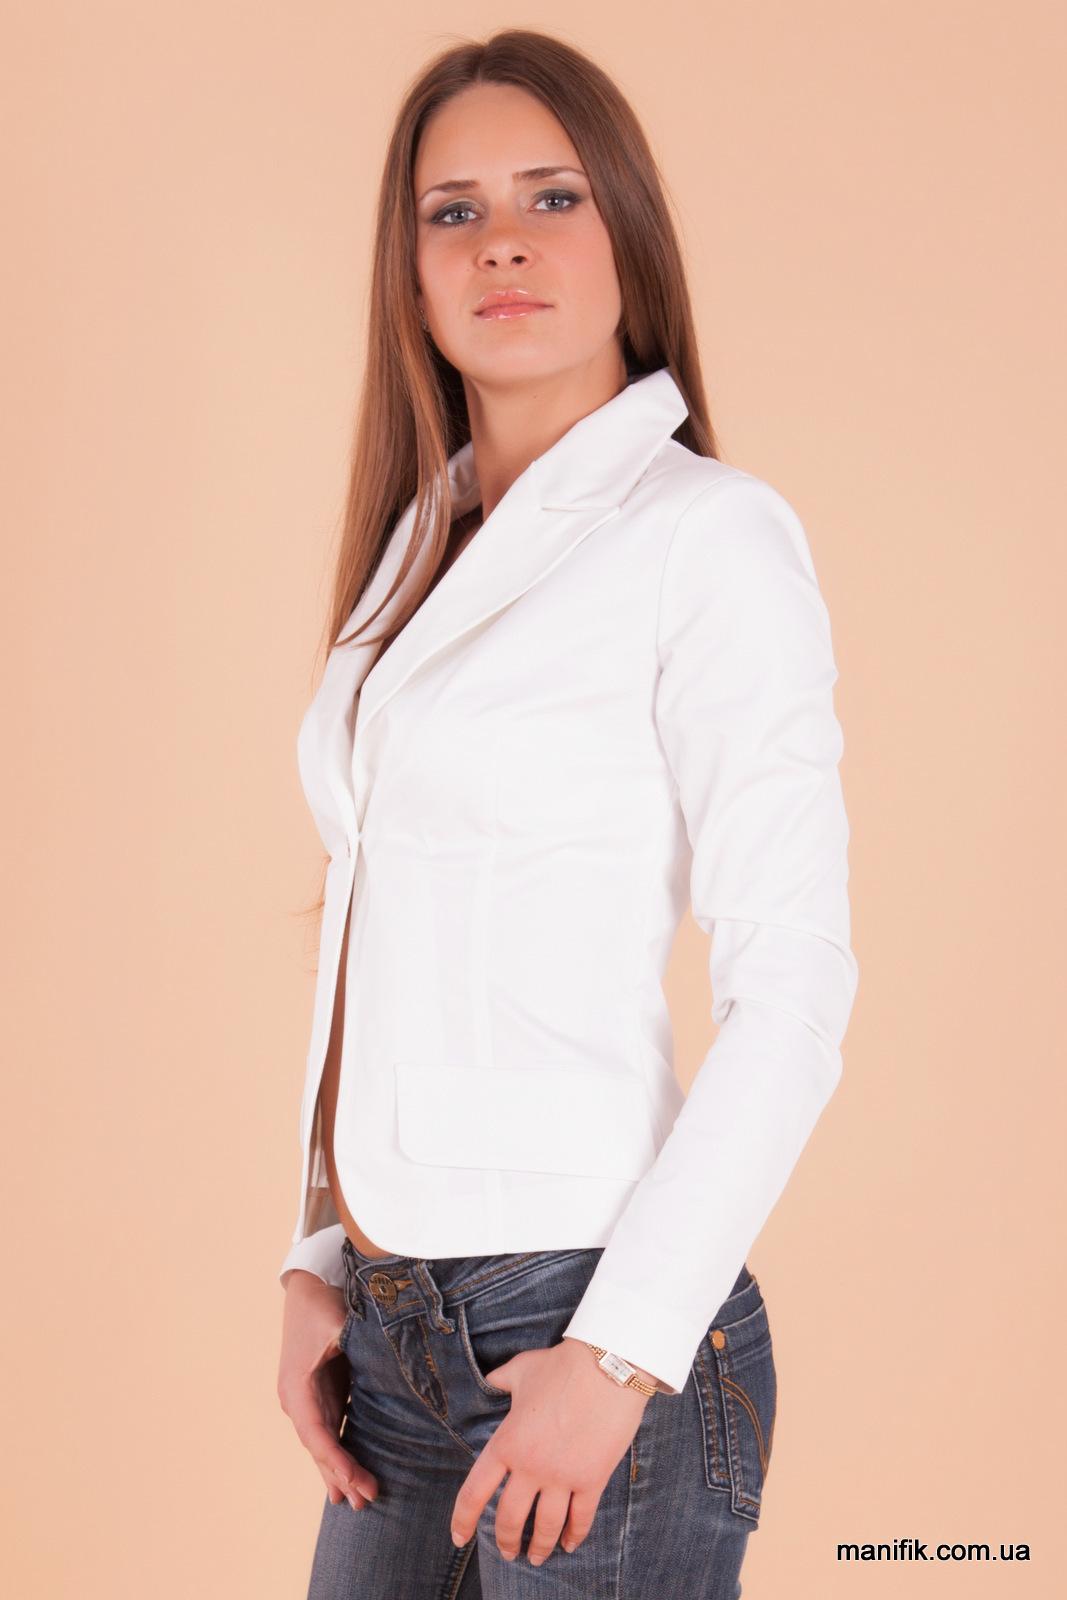 Коллекция женской одежды доставка